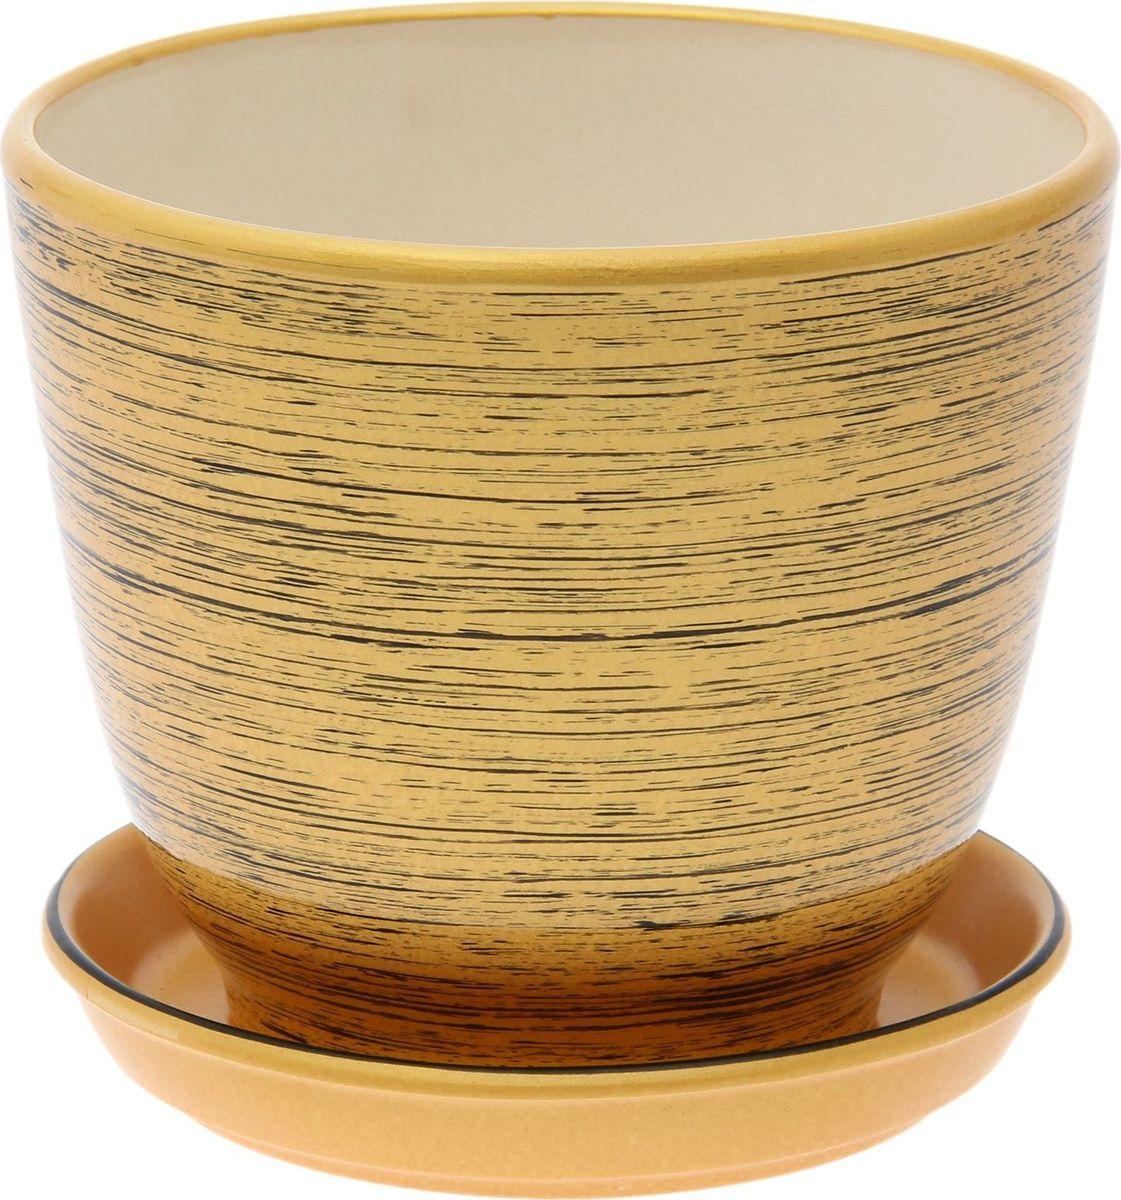 Кашпо Керамика ручной работы Кедр. Глянец, цвет: золотой, черный, 1,6 л1489699Комнатные растения - всеобщие любимцы. Они радуют глаз, насыщают помещение кислородом и украшают пространство. Каждому из них необходим свой удобный и красивый дом. Кашпо из керамики прекрасно подходят для высадки растений:пористый материал позволяет испаряться лишней влаге;воздух, необходимый для дыхания корней, проникает сквозь керамические стенки. Кашпо Кедр. Глянец позаботится о зеленом питомце, освежит интерьер и подчеркнет его стиль.